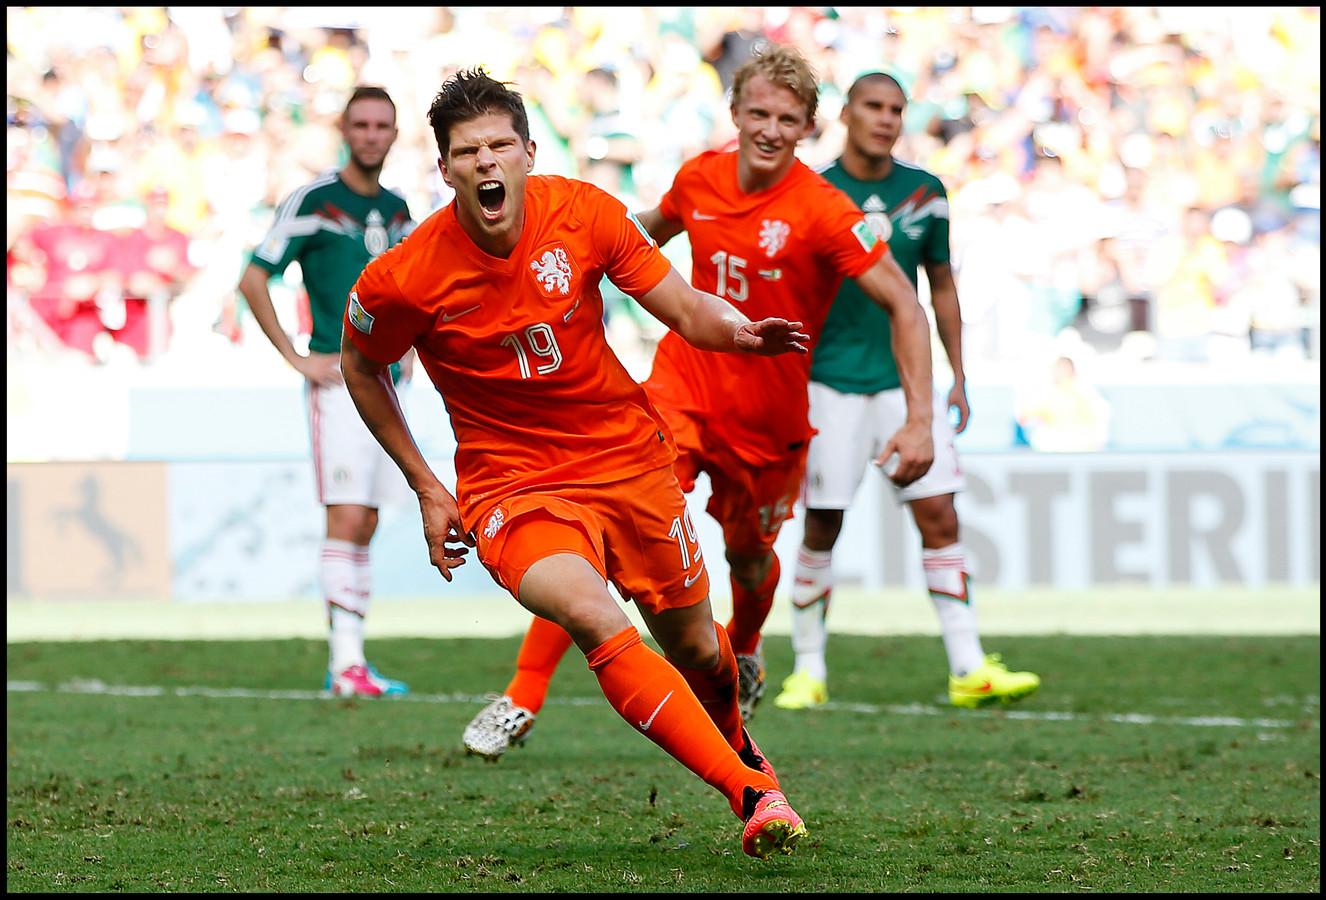 KlaasJan Huntelaar op de toppen van zijn kunnen. Op het WK maakte hij het winnende doelpunt tegen Mexico.